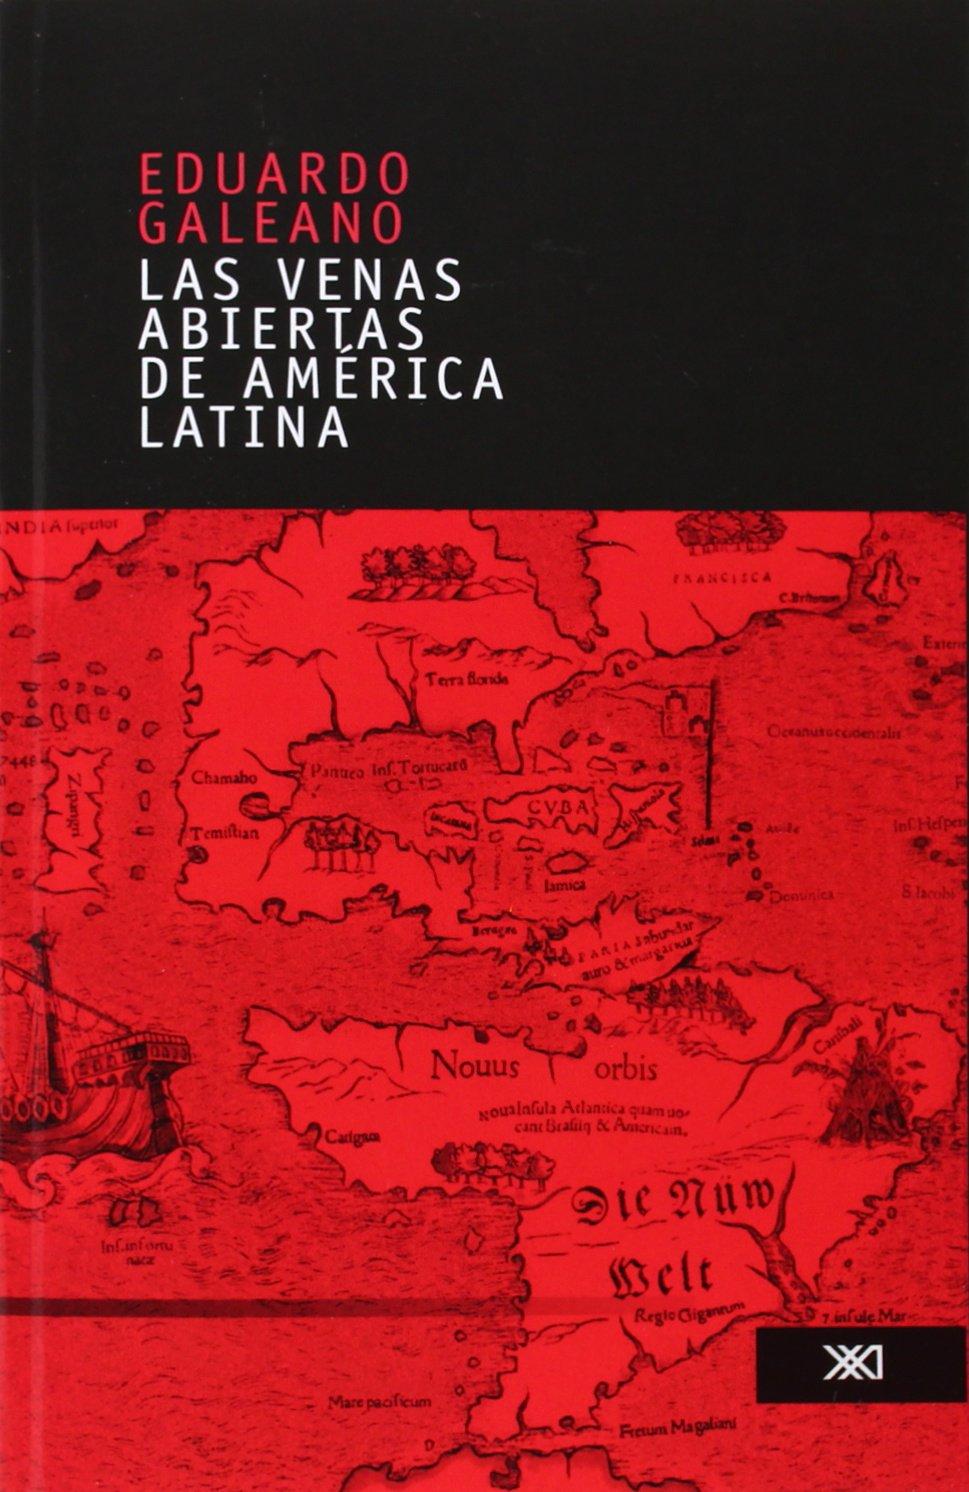 Las venas abiertas de America Latina: Amazon.es: Eduardo Galeano: Libros